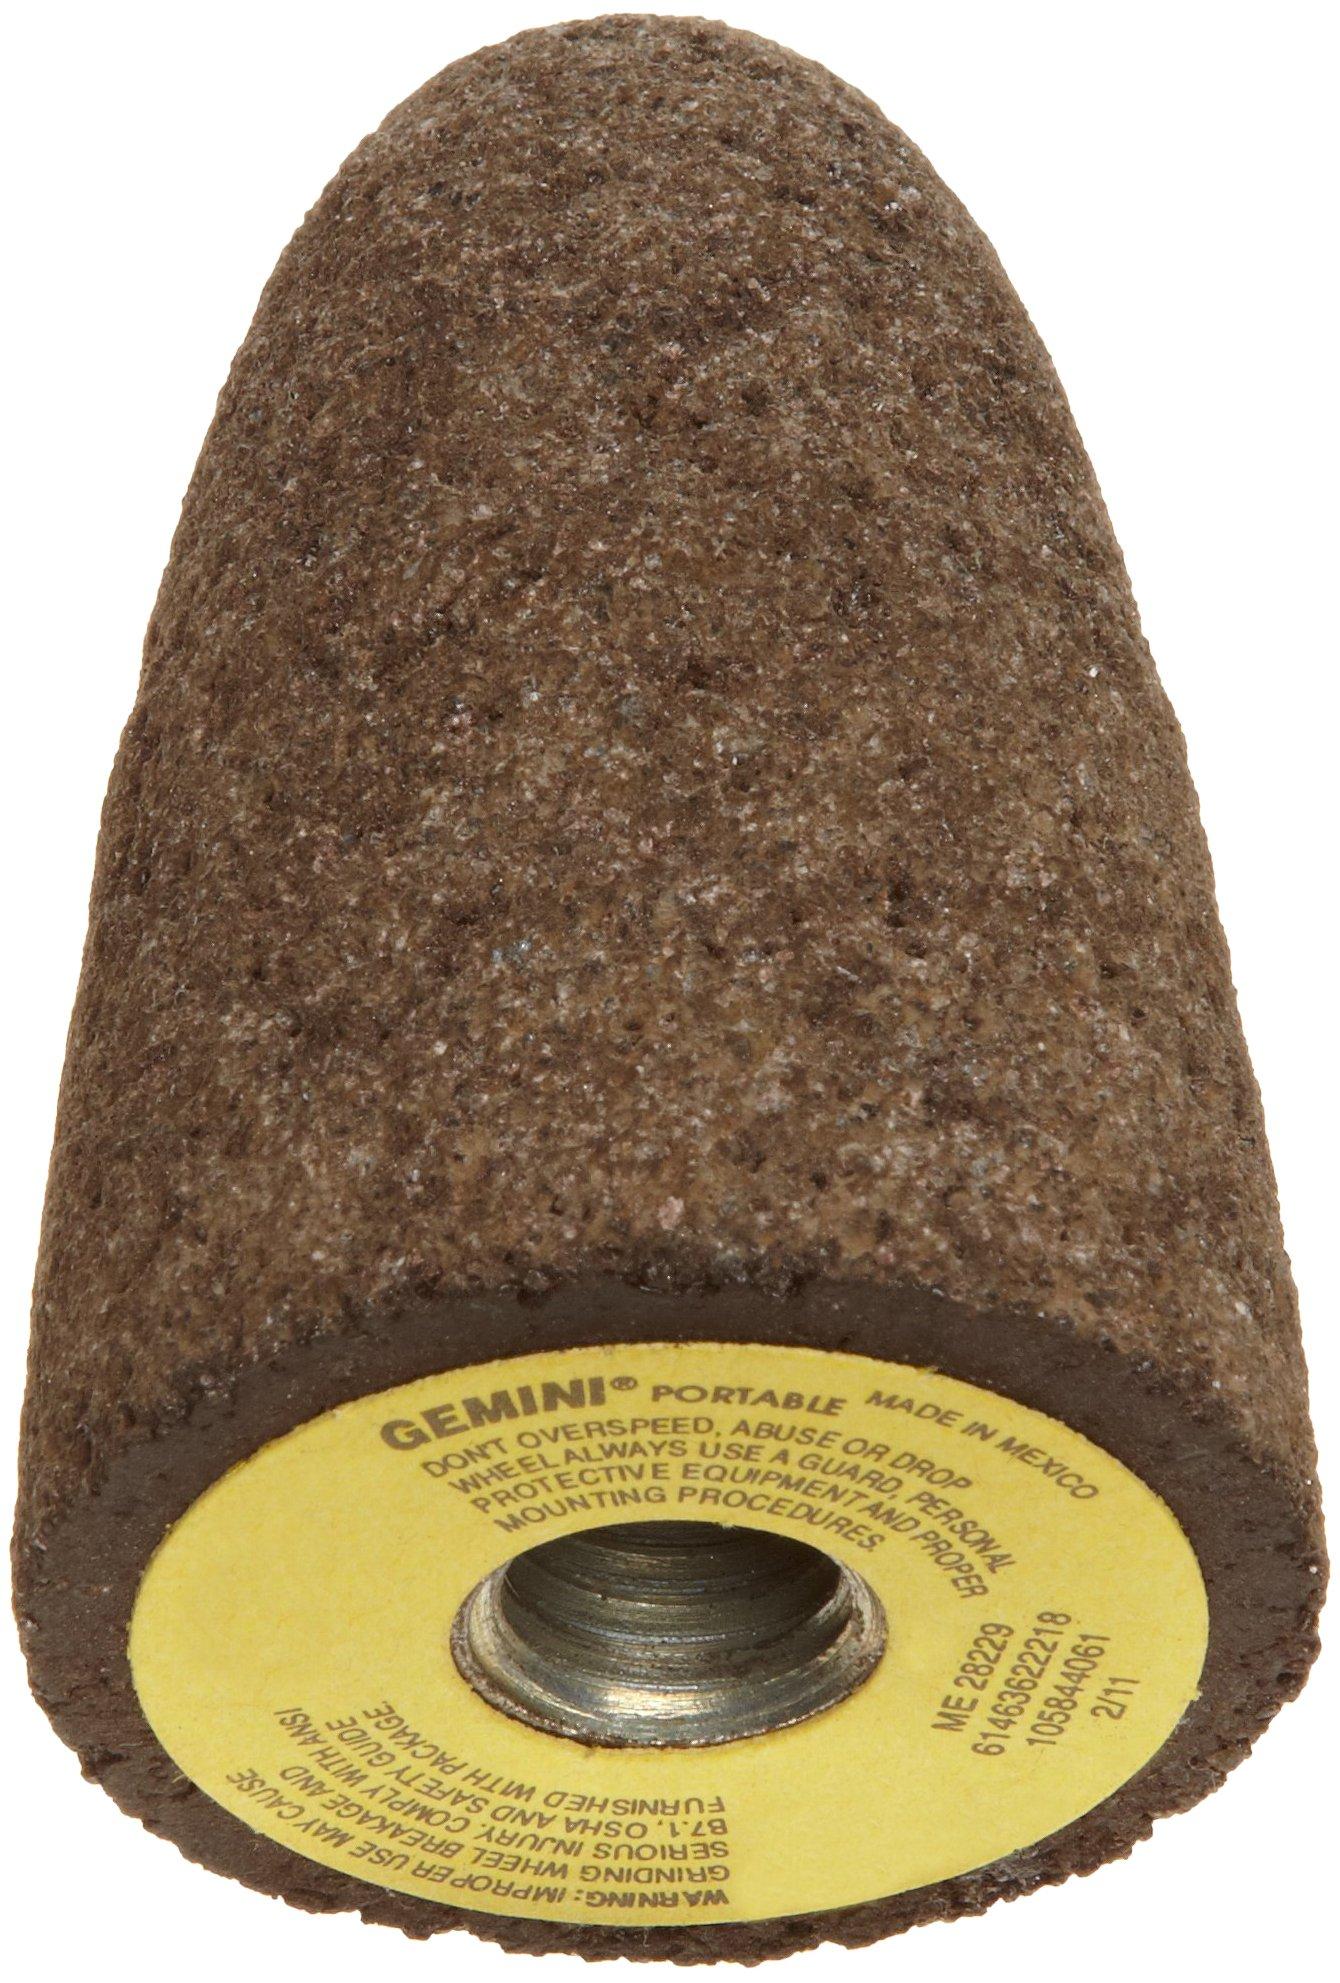 Norton Gemini Snagging Abrasive Cone Type 16, Aluminum Oxide, Square Tip, 5/8''-11 Arbor, 1-1/2'' Diameter, 3'' Thickness, 24 Grit (Pack of 10)